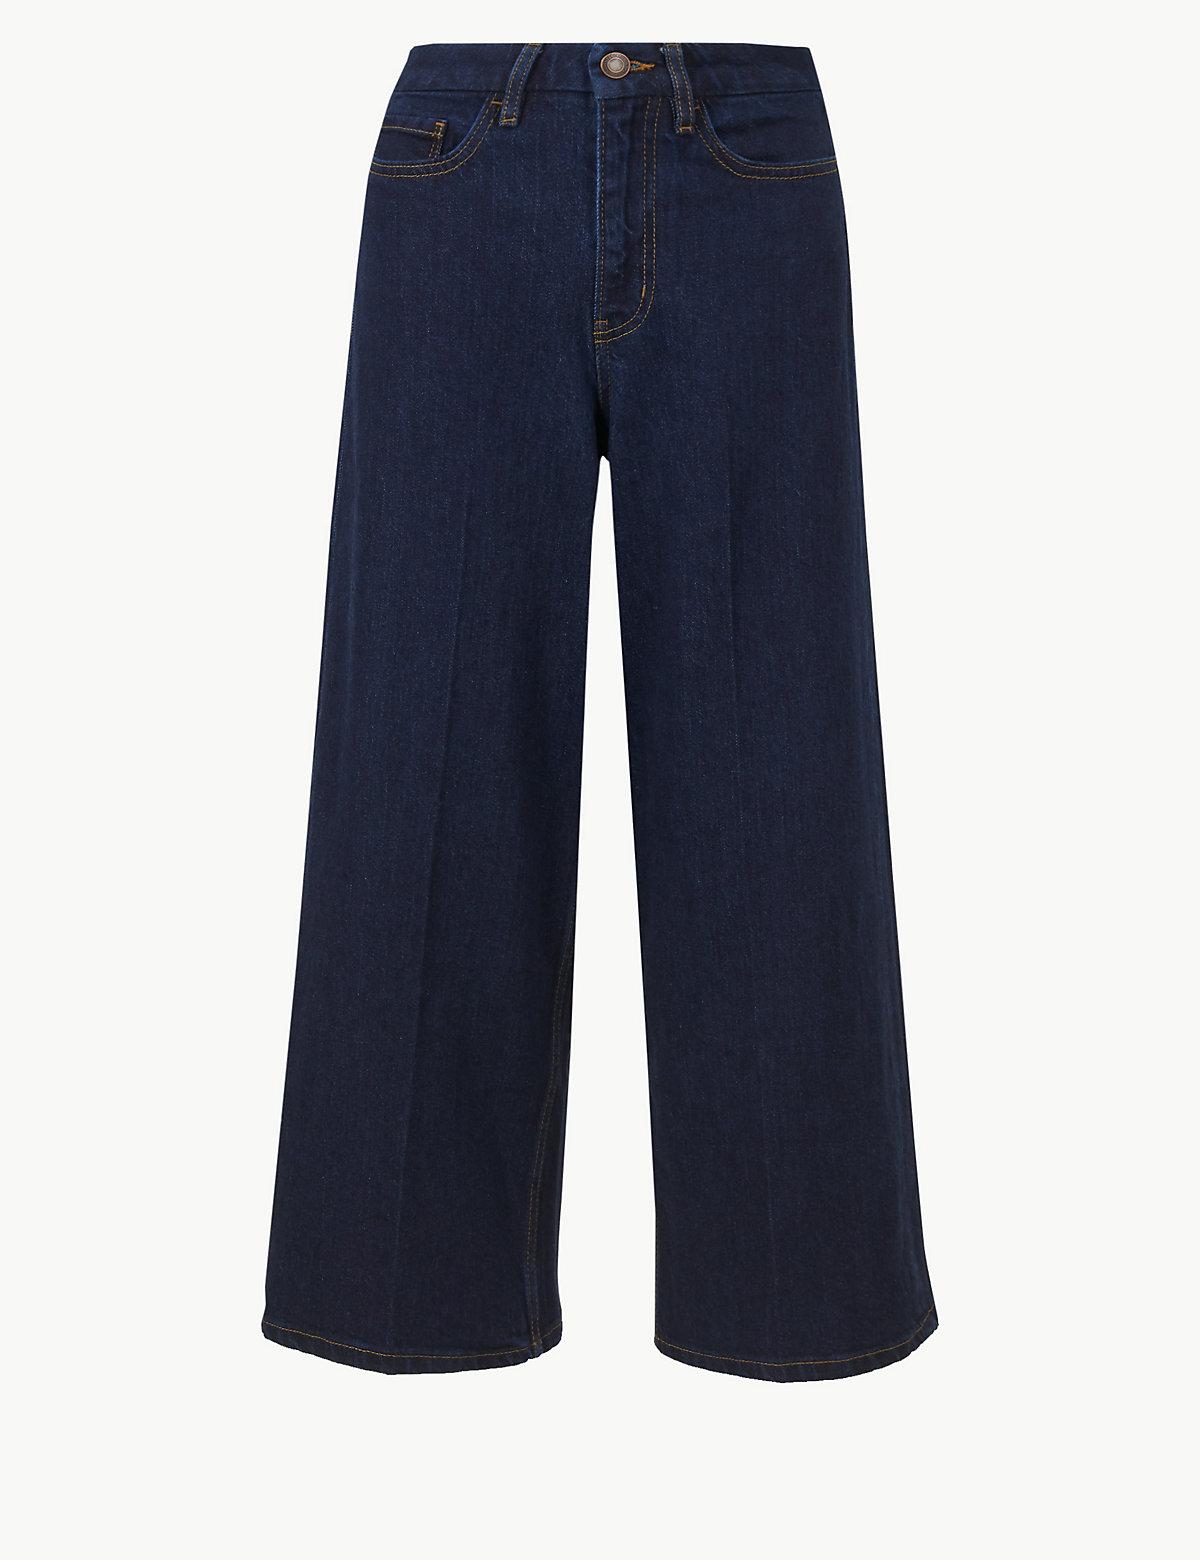 Укороченные джинсы широкого кроя с высокой талией